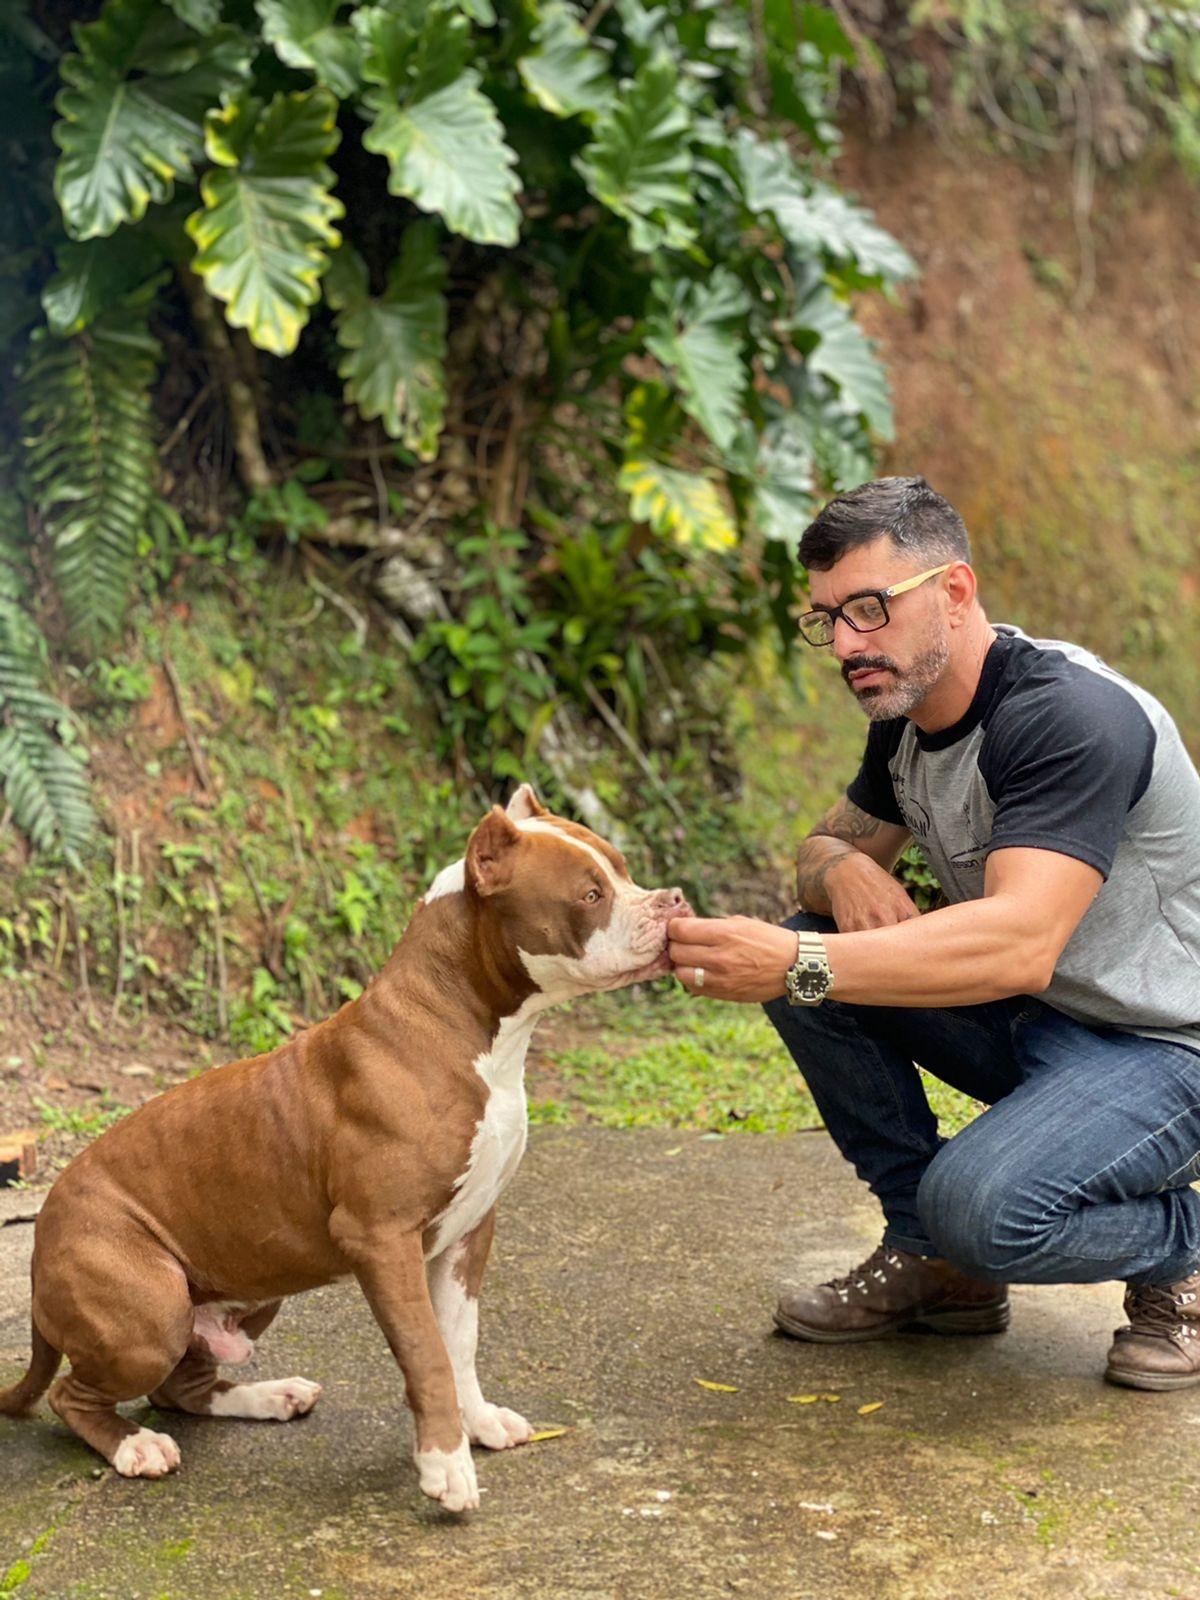 Ataque de pitbull: Como se defender em caso de perigo iminente